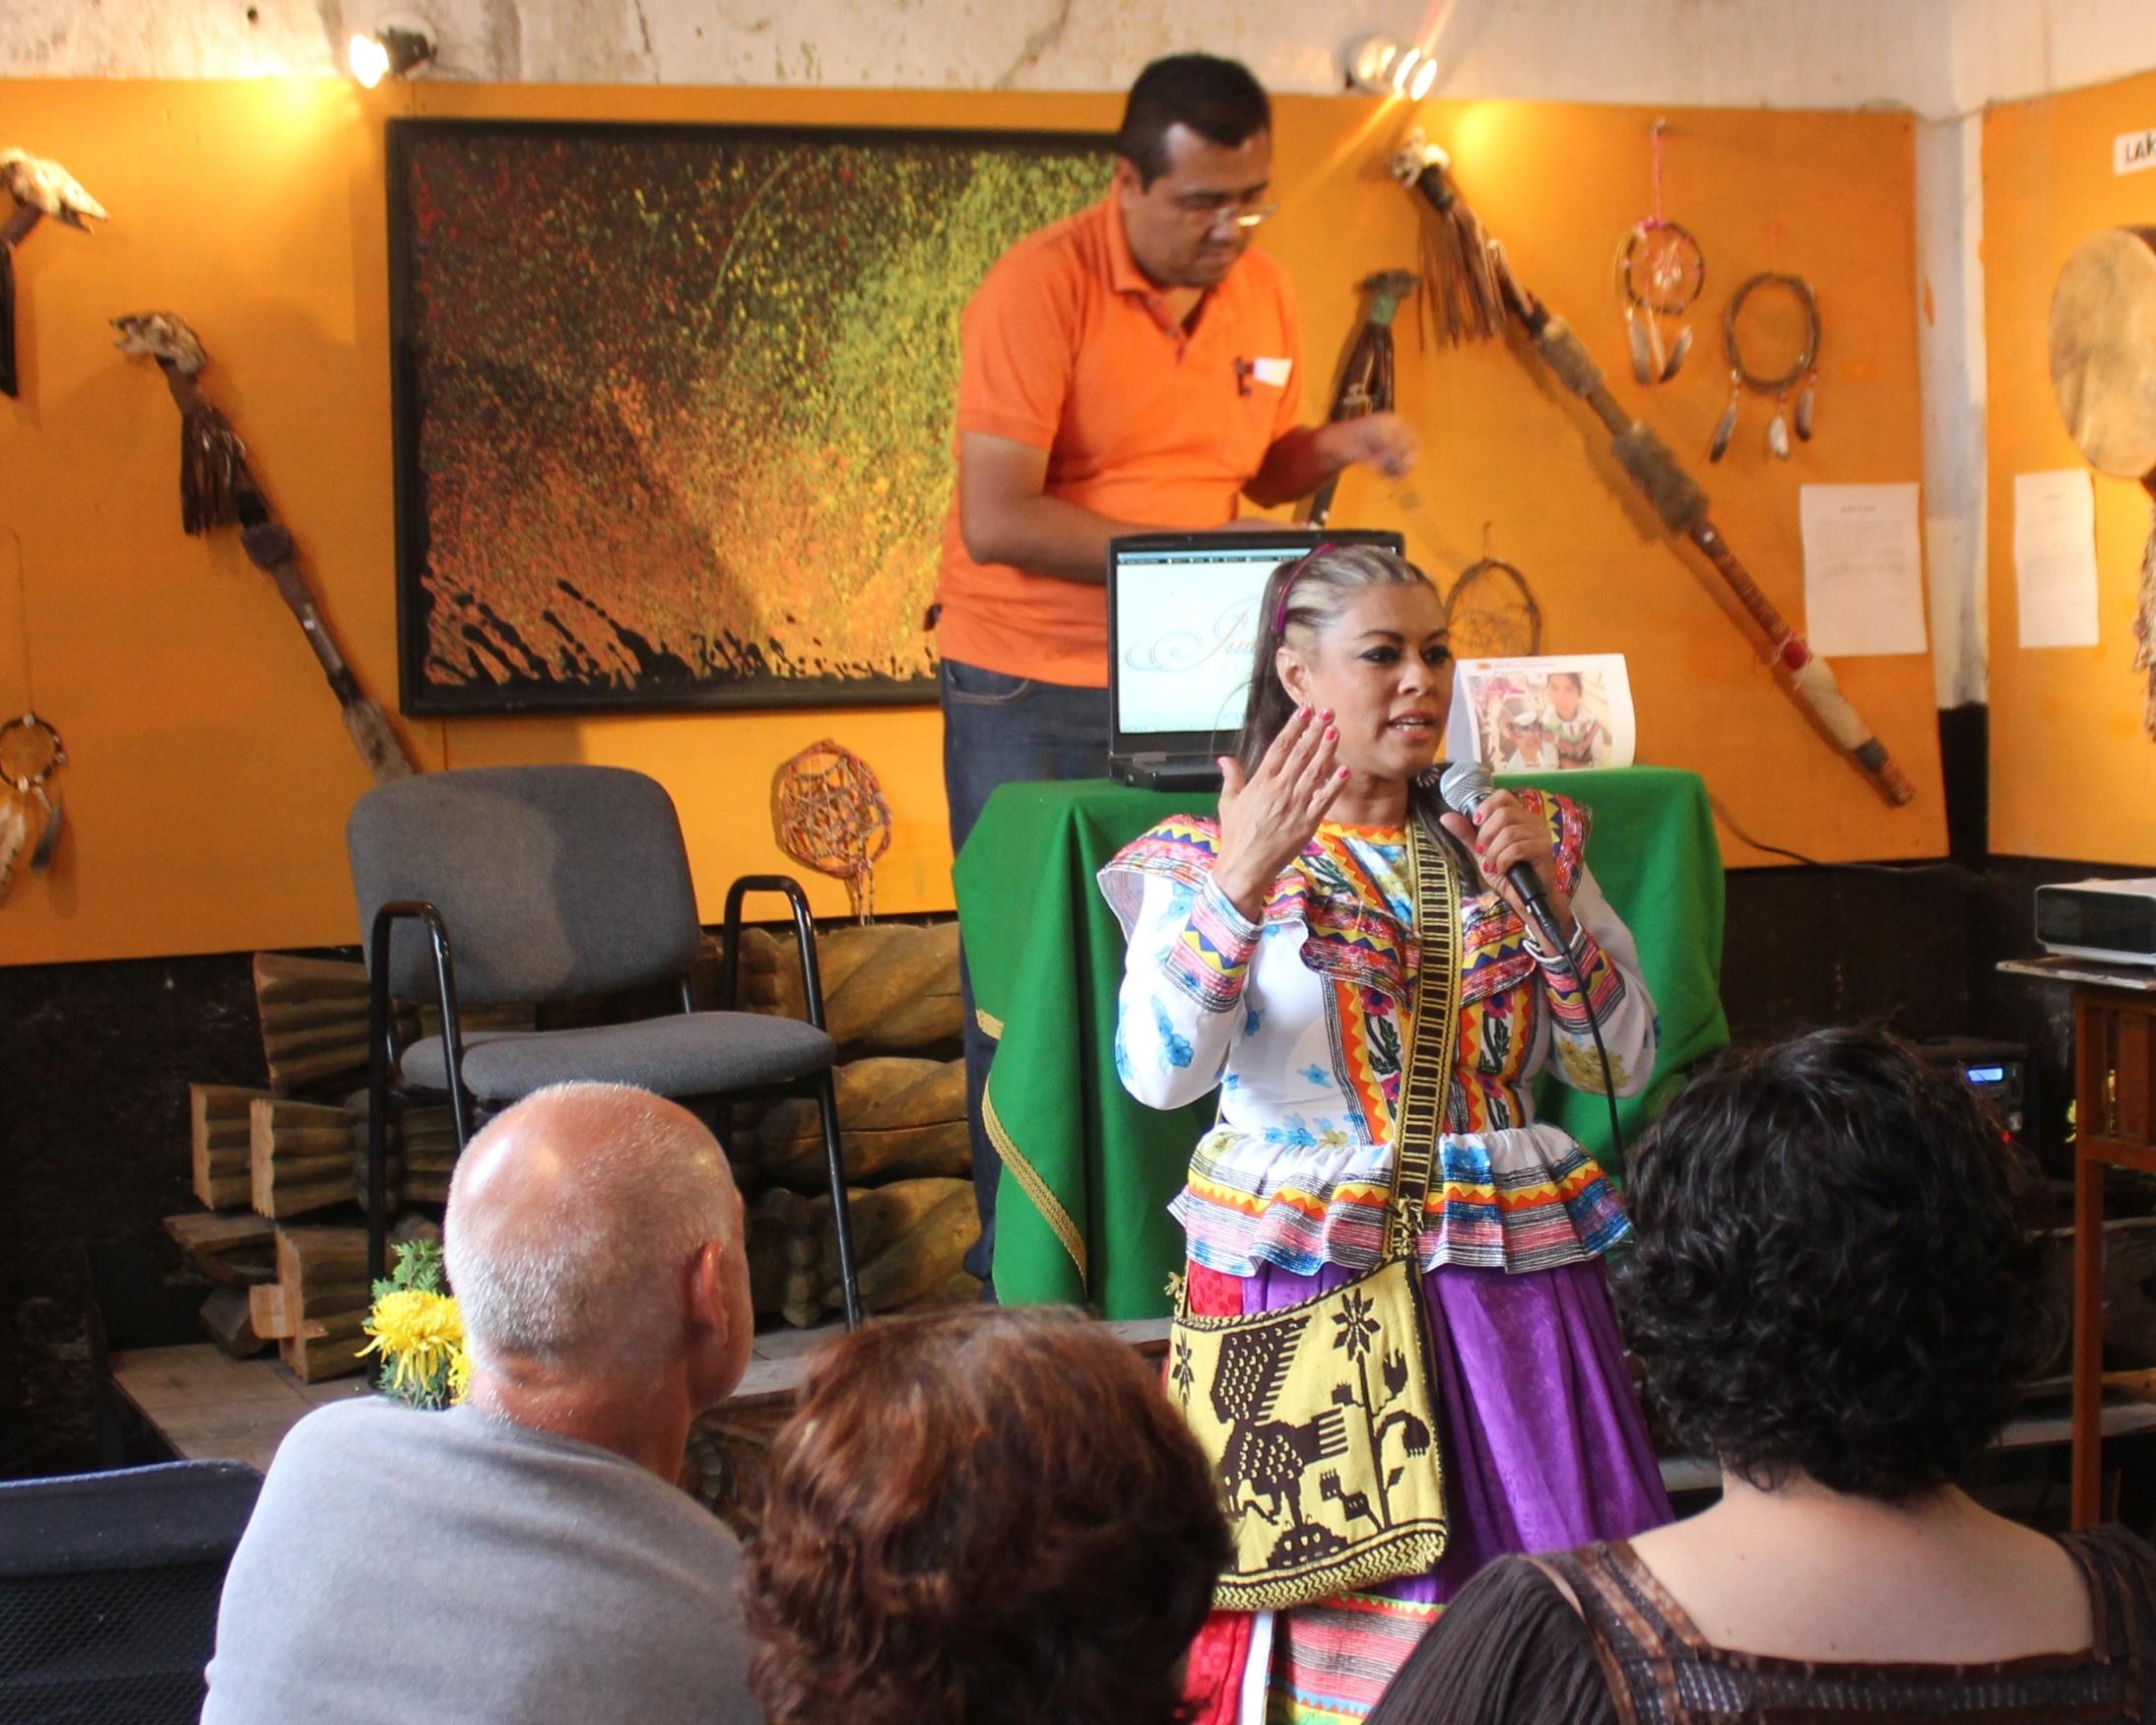 Casa Vieja celebra al gran imperio, origen de nuestra nación: Tenochtitlan